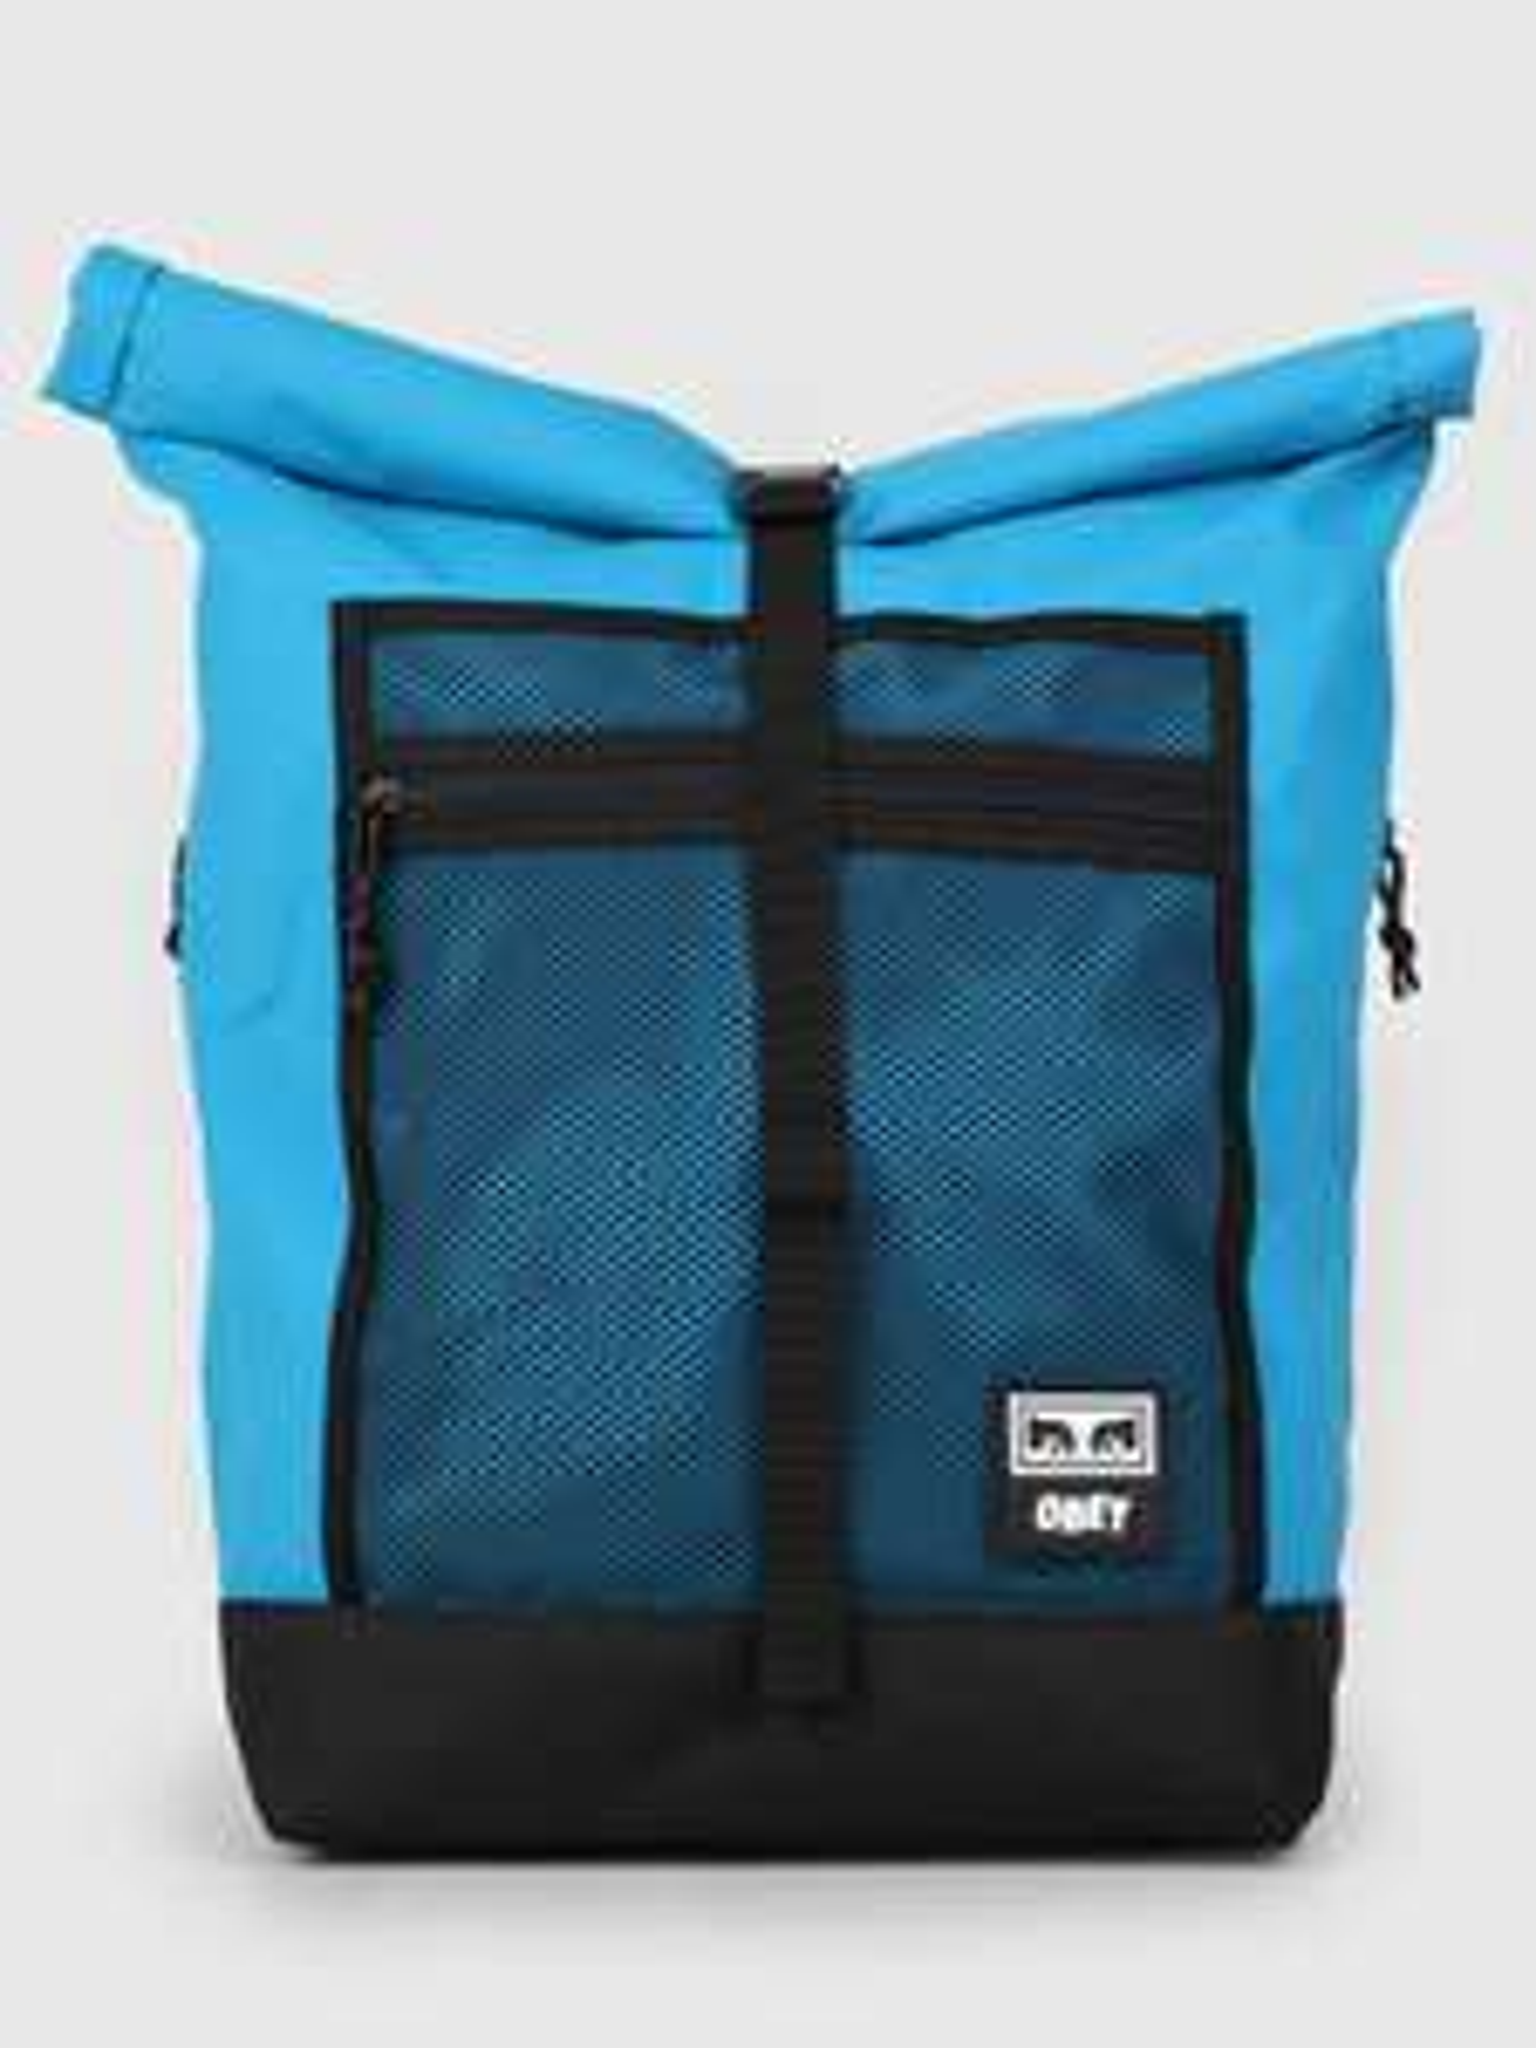 Obey Conditions Rolltop Bag van 75 euro voor 37,50 bij fc